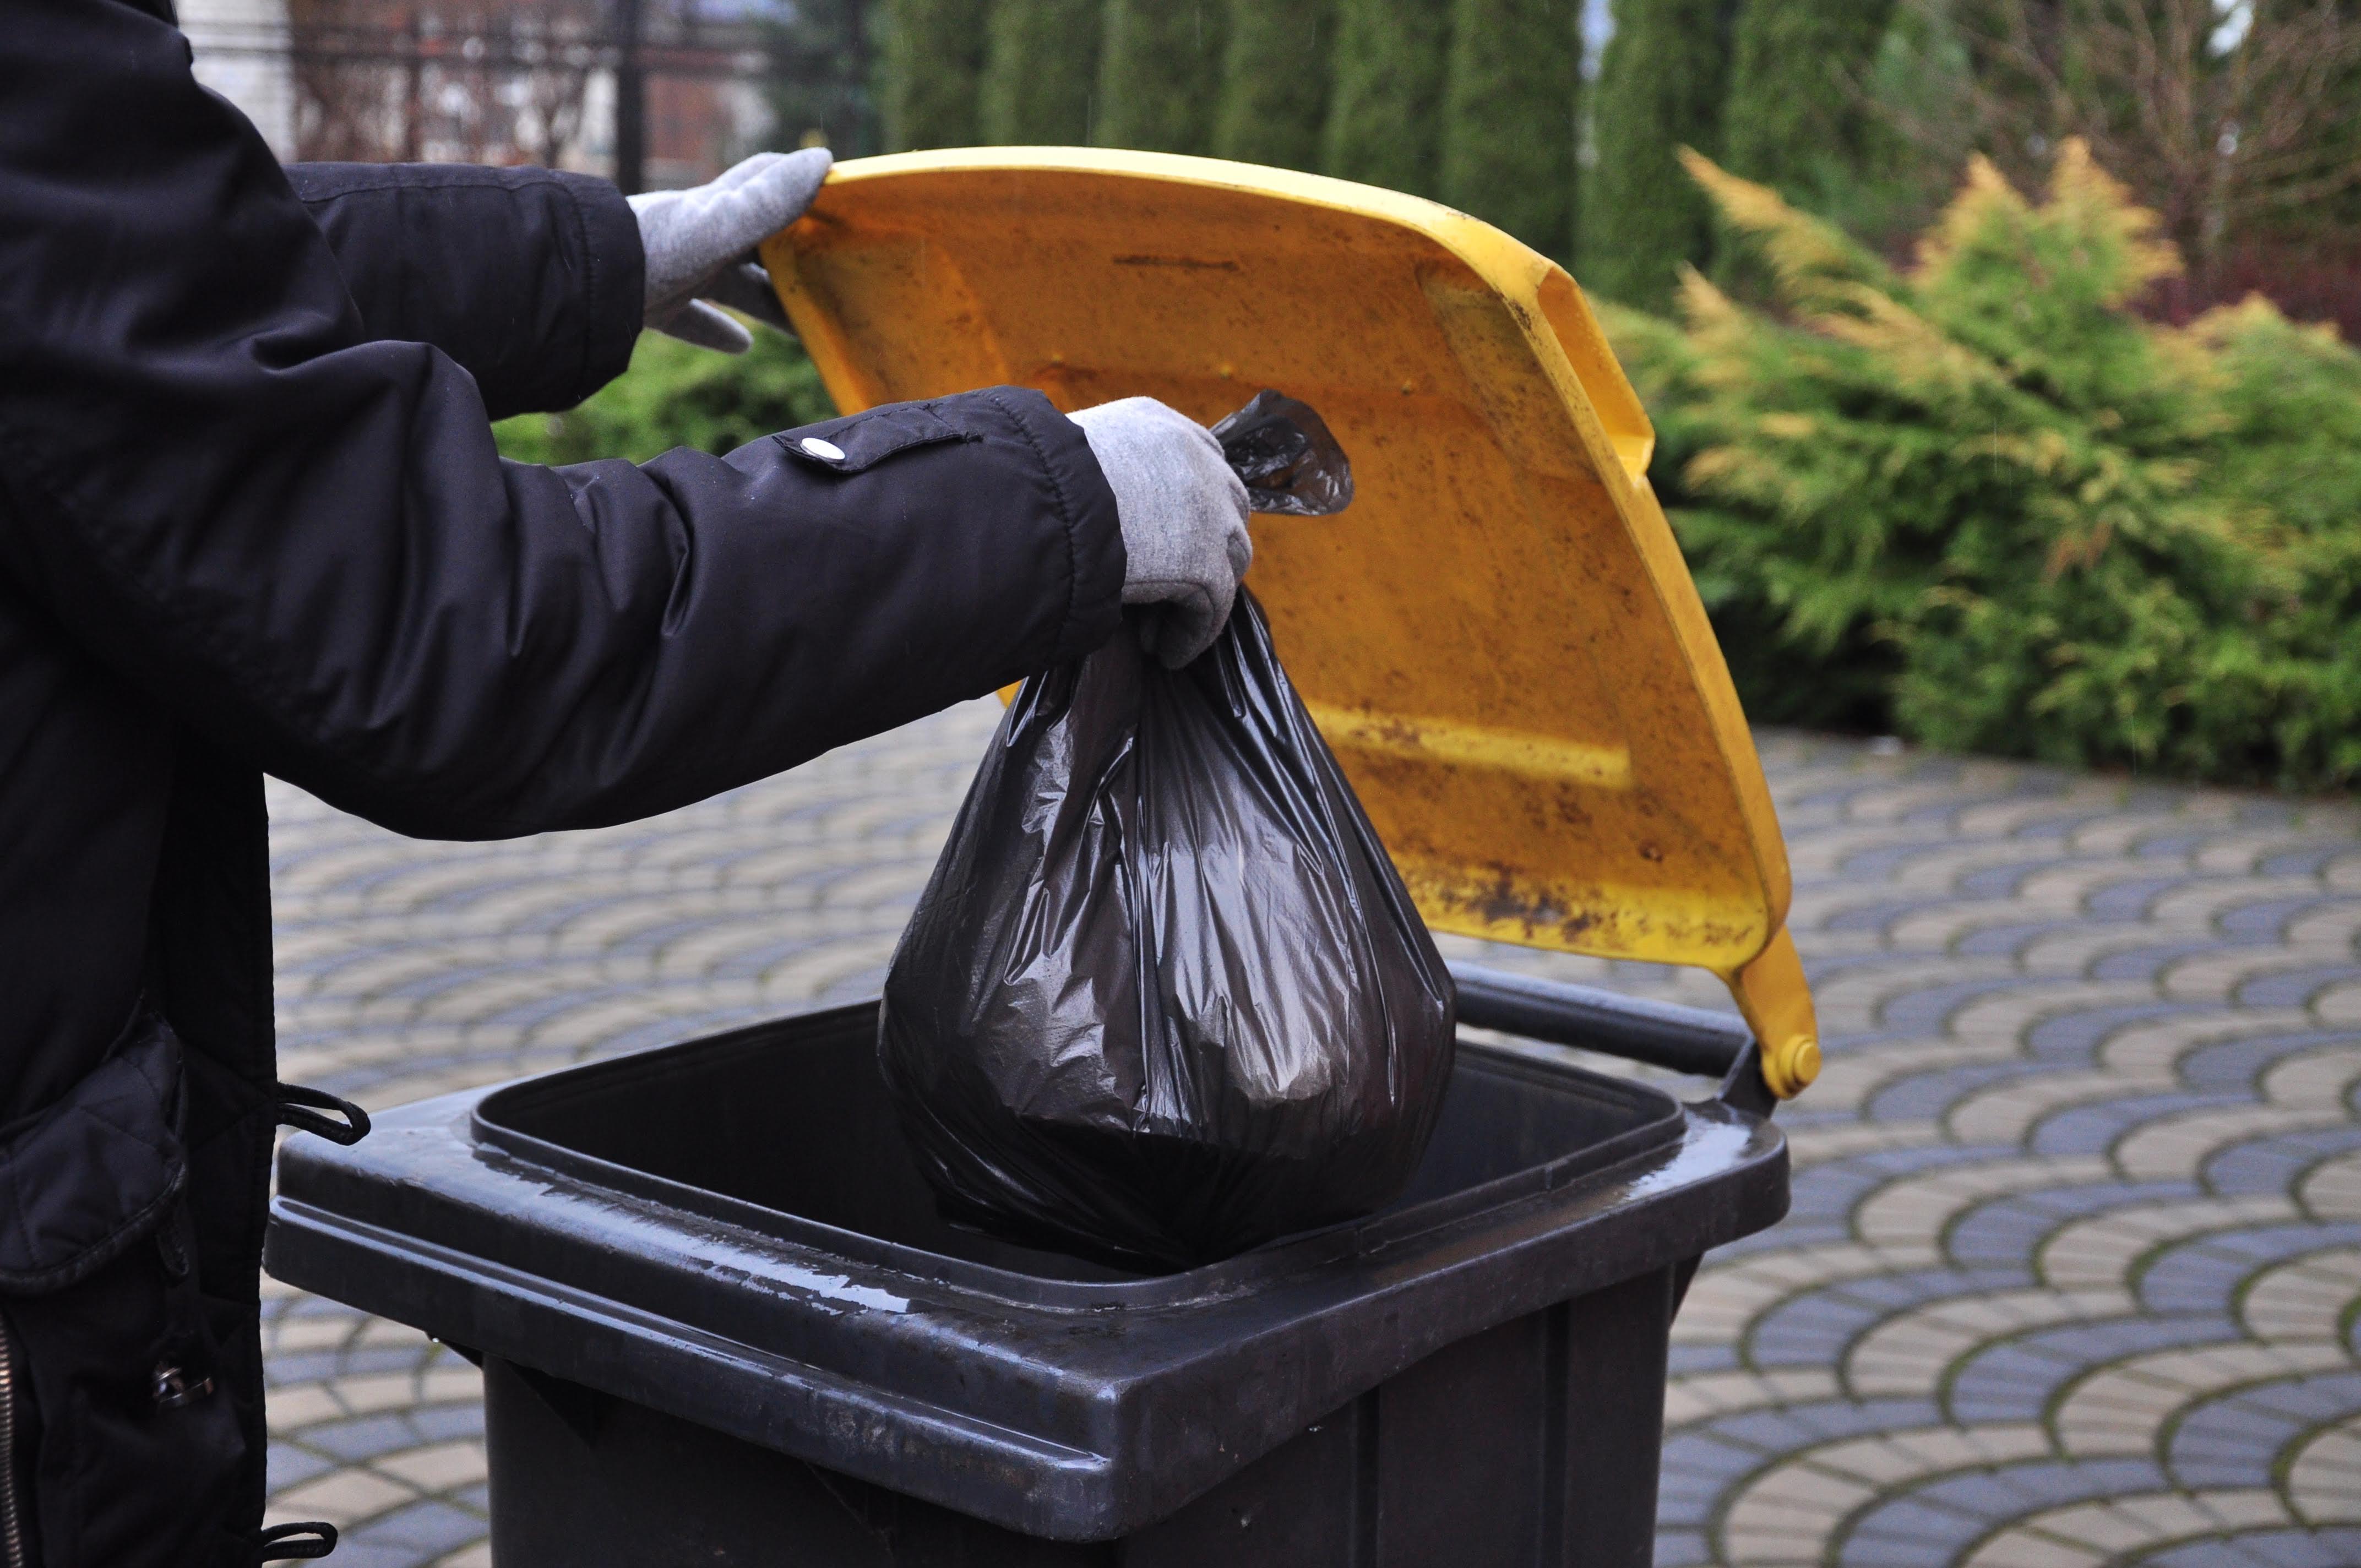 GMINA NIWISKA. Ceny śmieci nawet o 200 proc. wyższe. Sprawdź nowe stawki na 2020 rok - Zdjęcie główne